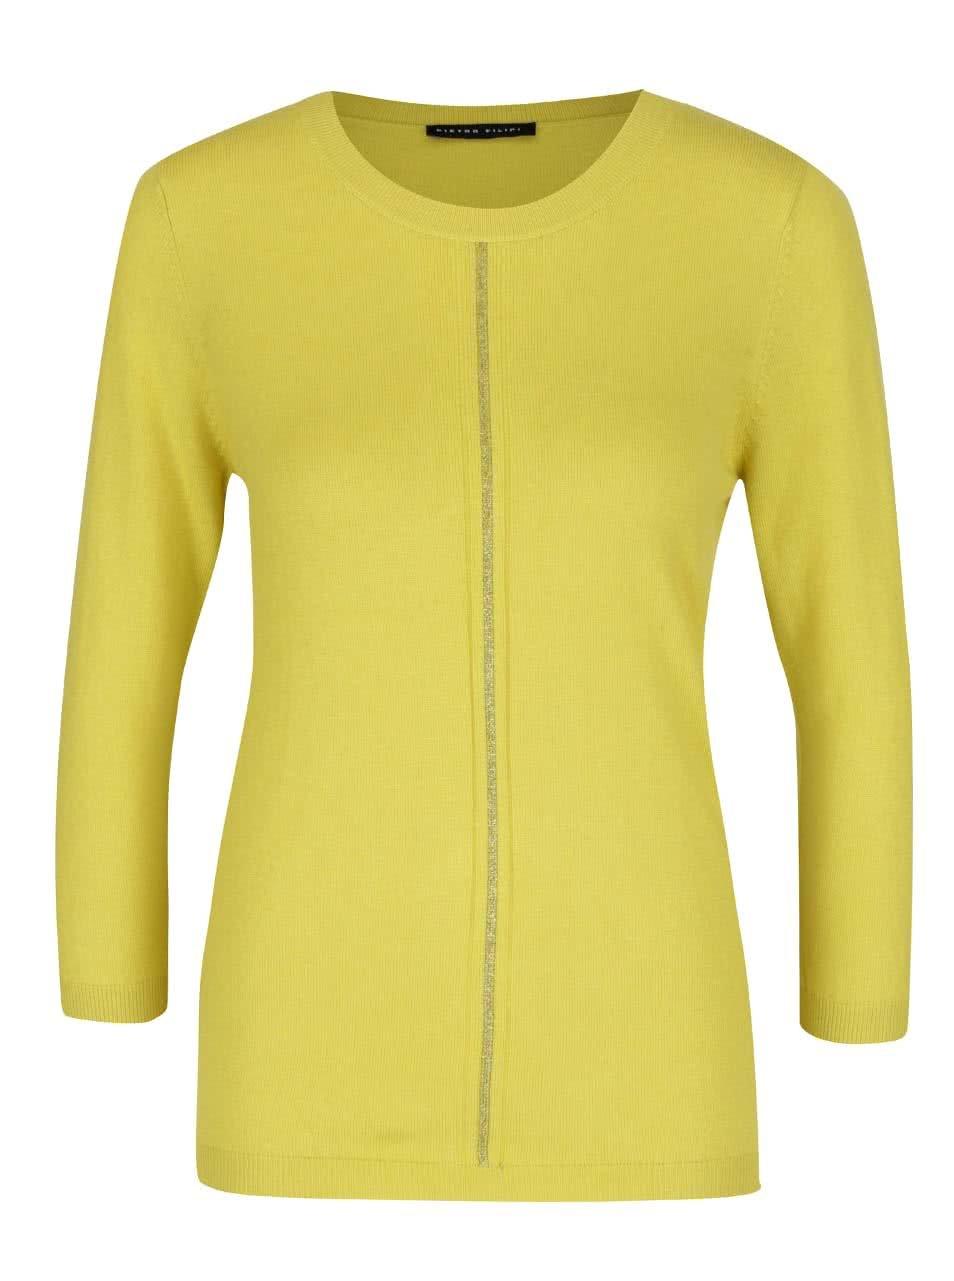 Žlutozelený dámský svetr s 3/4 rukávem Pietro Filipi